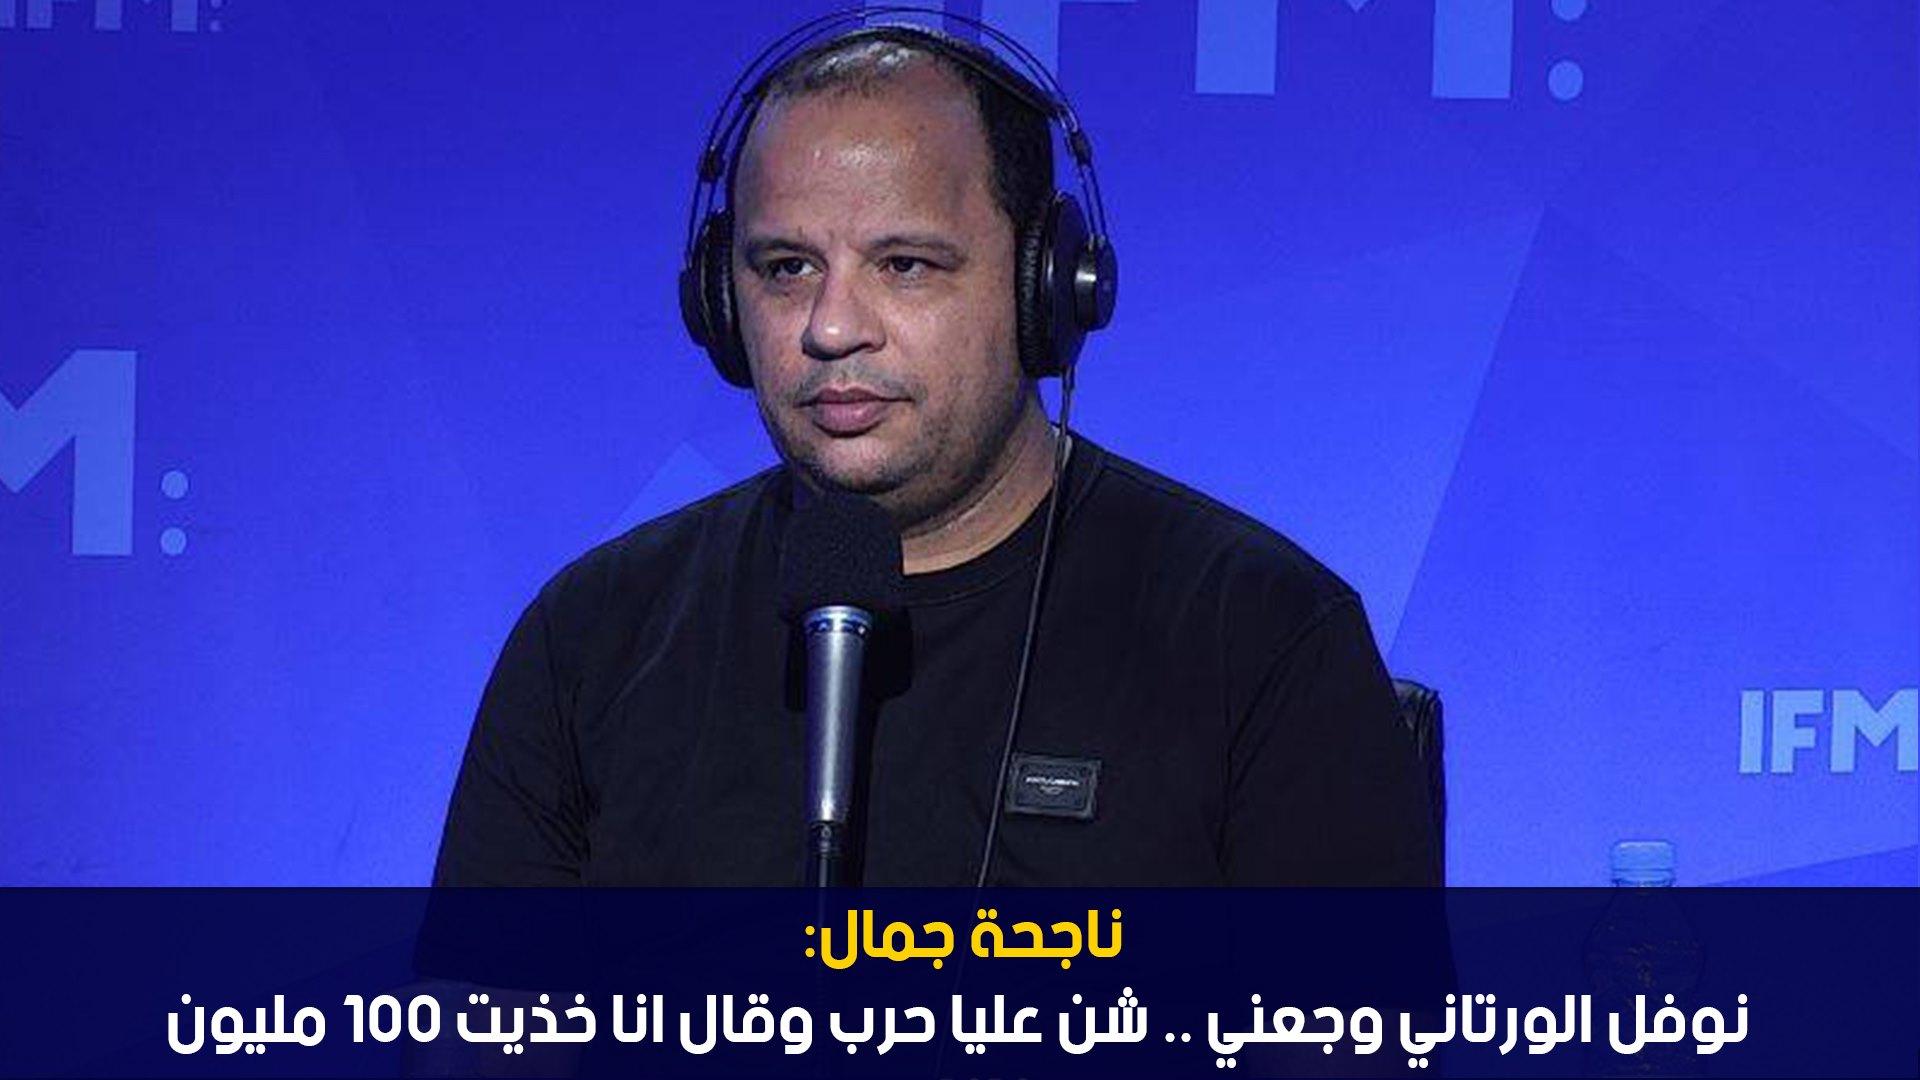 ناجحة جمال: نوفل الورتاني وجعني .. شن عليا حرب وقال انا خذيت 100 مليون